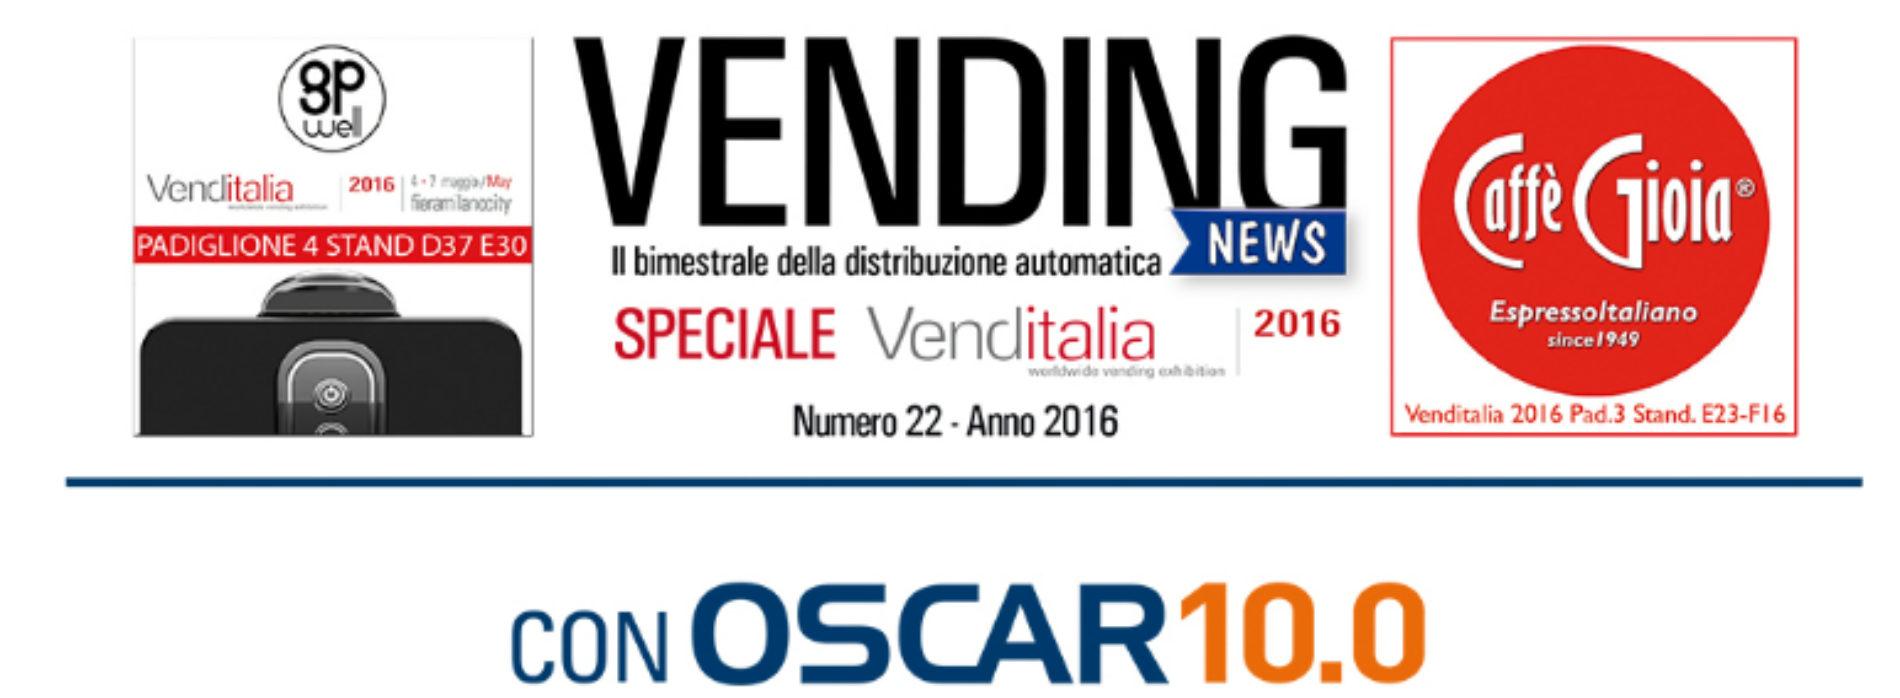 Rivista Vending News – Leggi il numero 22 Lato SPECIALE Venditalia 2016